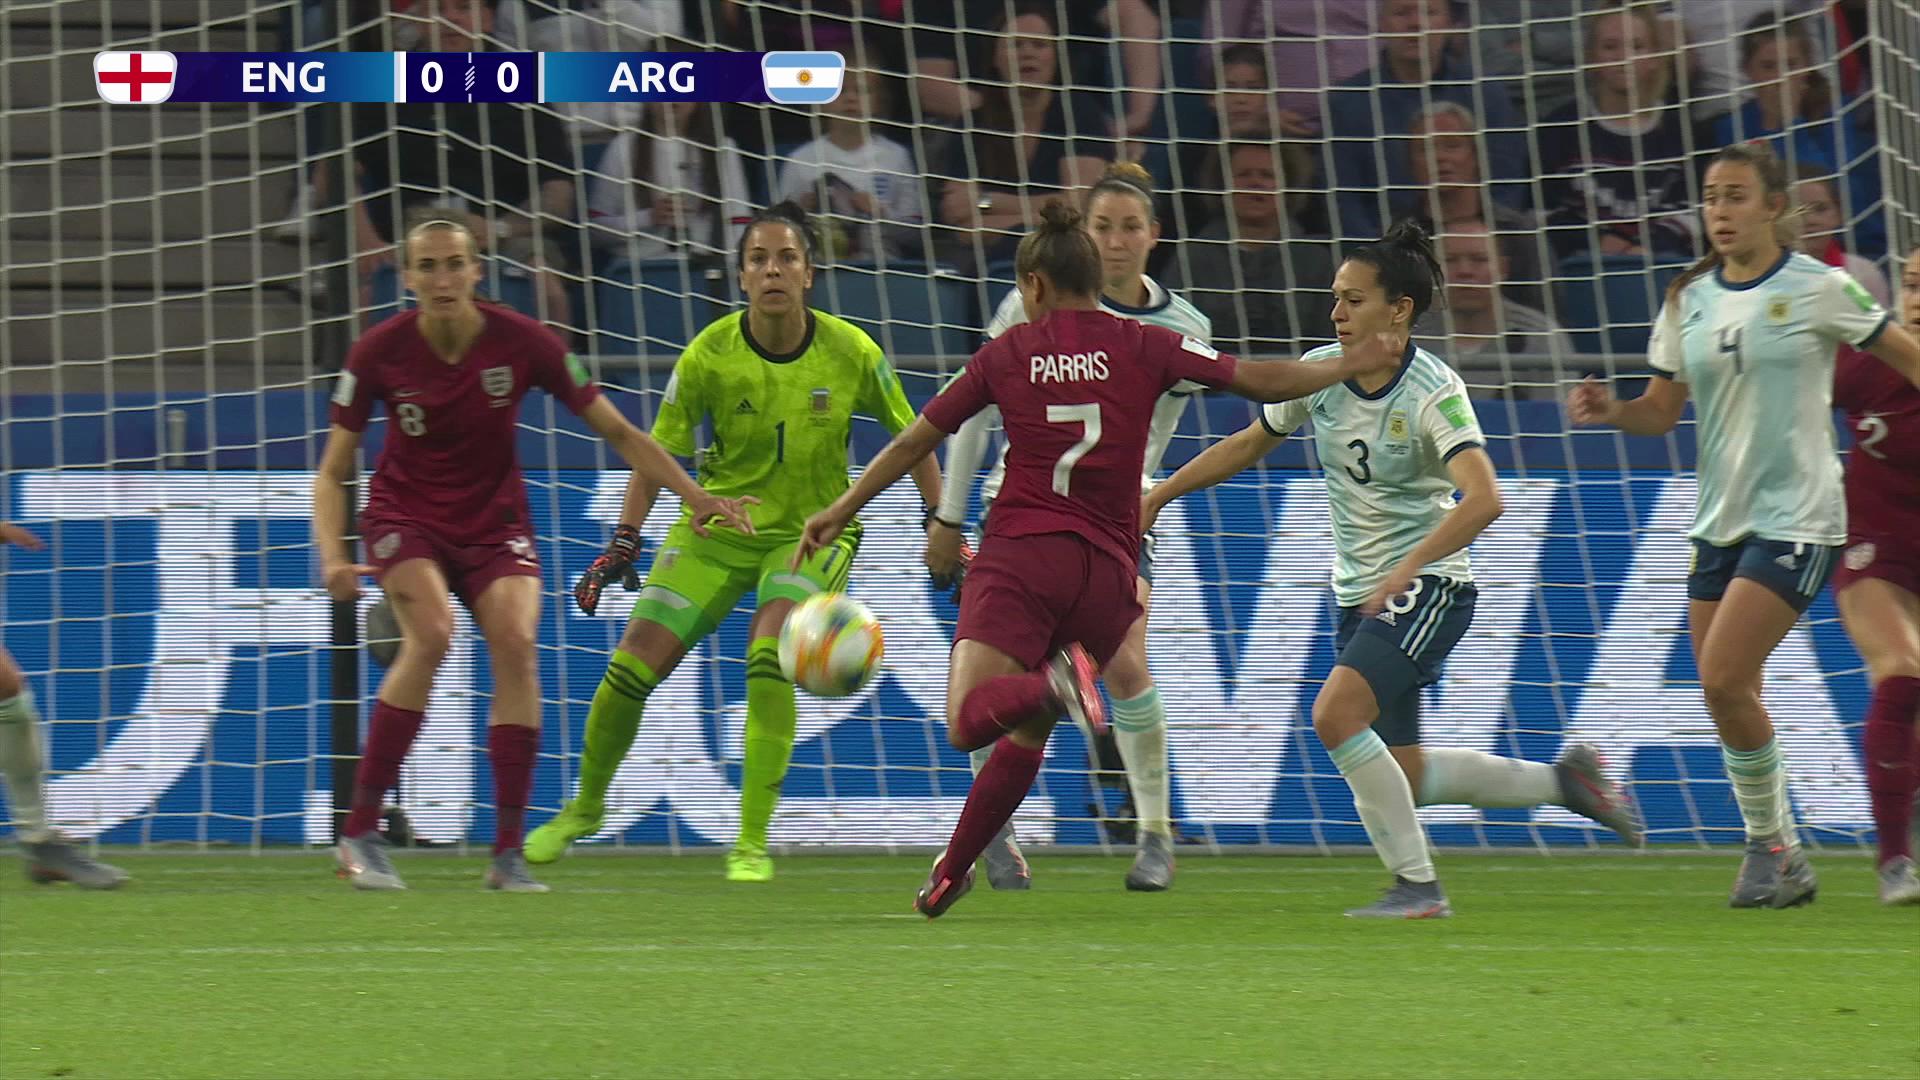 猛攻実ったイングランドがアルゼンチンを下し決勝T進出!【FIFA 女子ワールドカップ - グループD第2節 ハイライト動画】